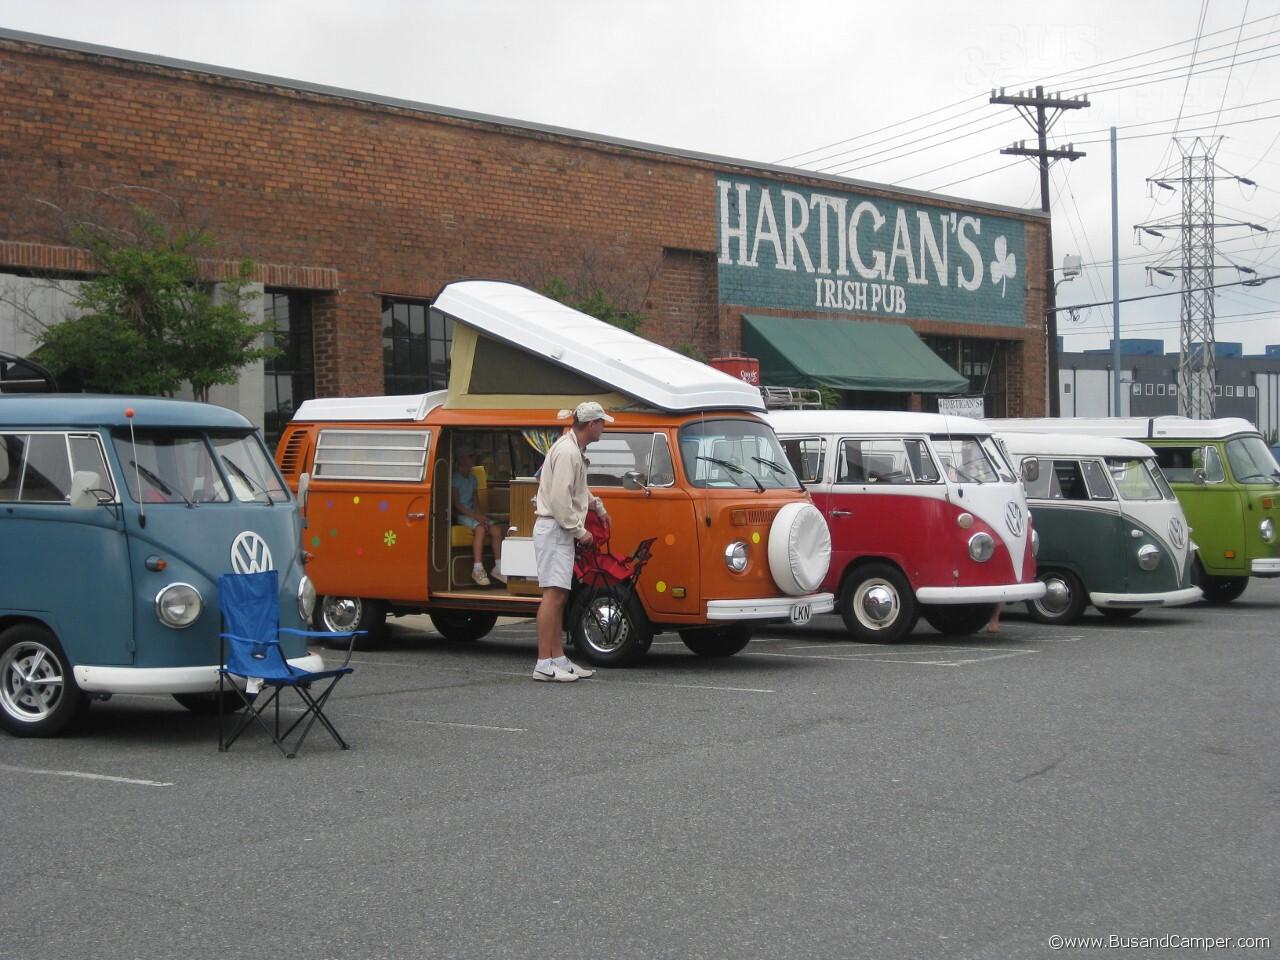 Hartigans Campervans